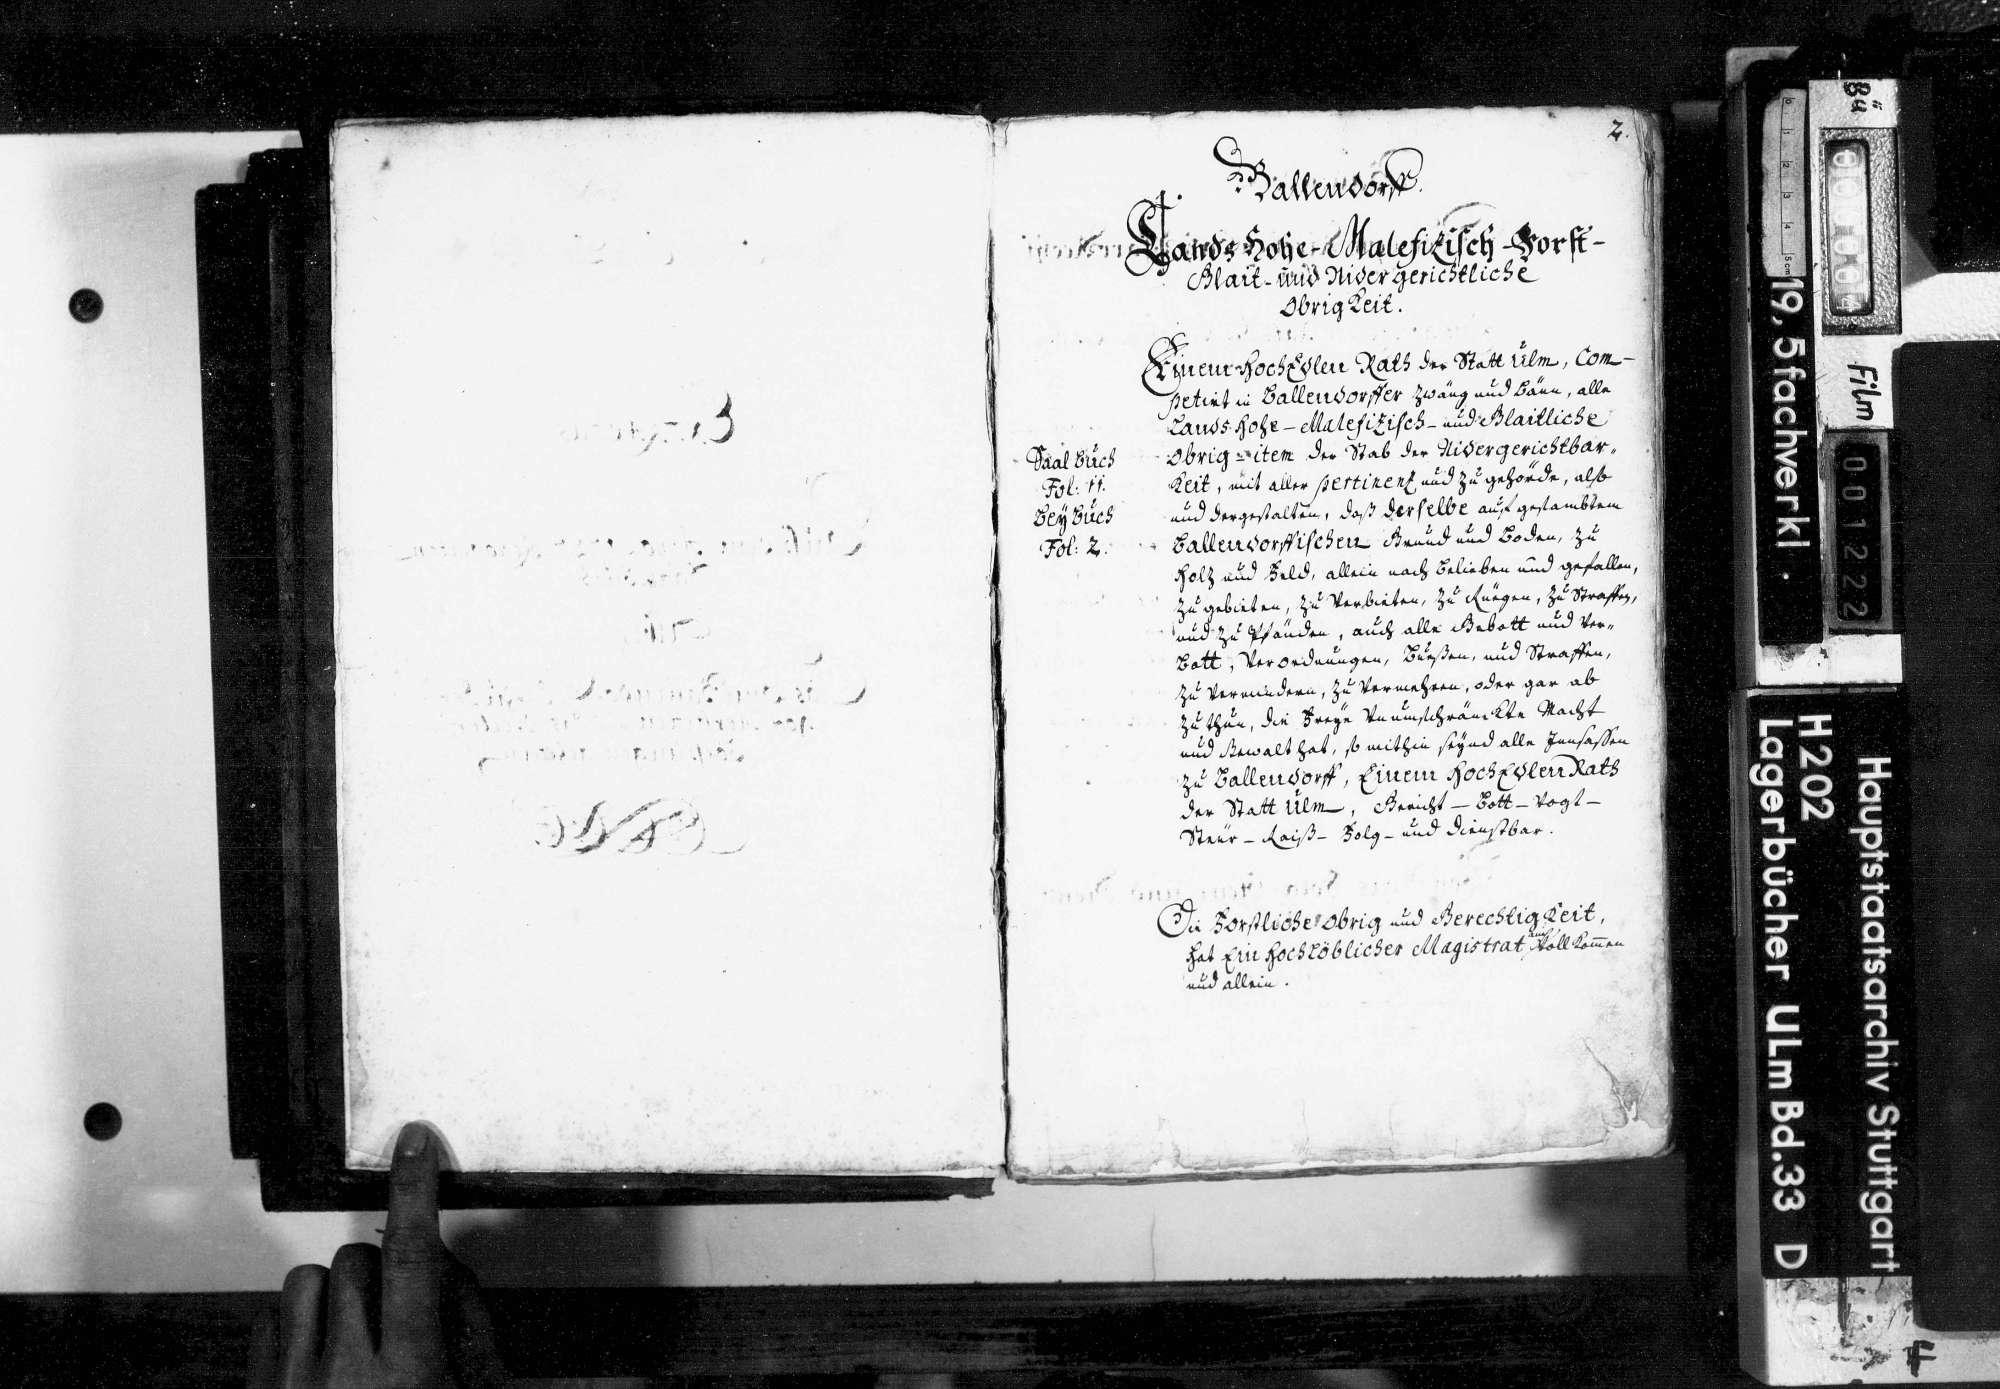 Saalbuch über das Amt Ballendorf: Auszug, Bild 3